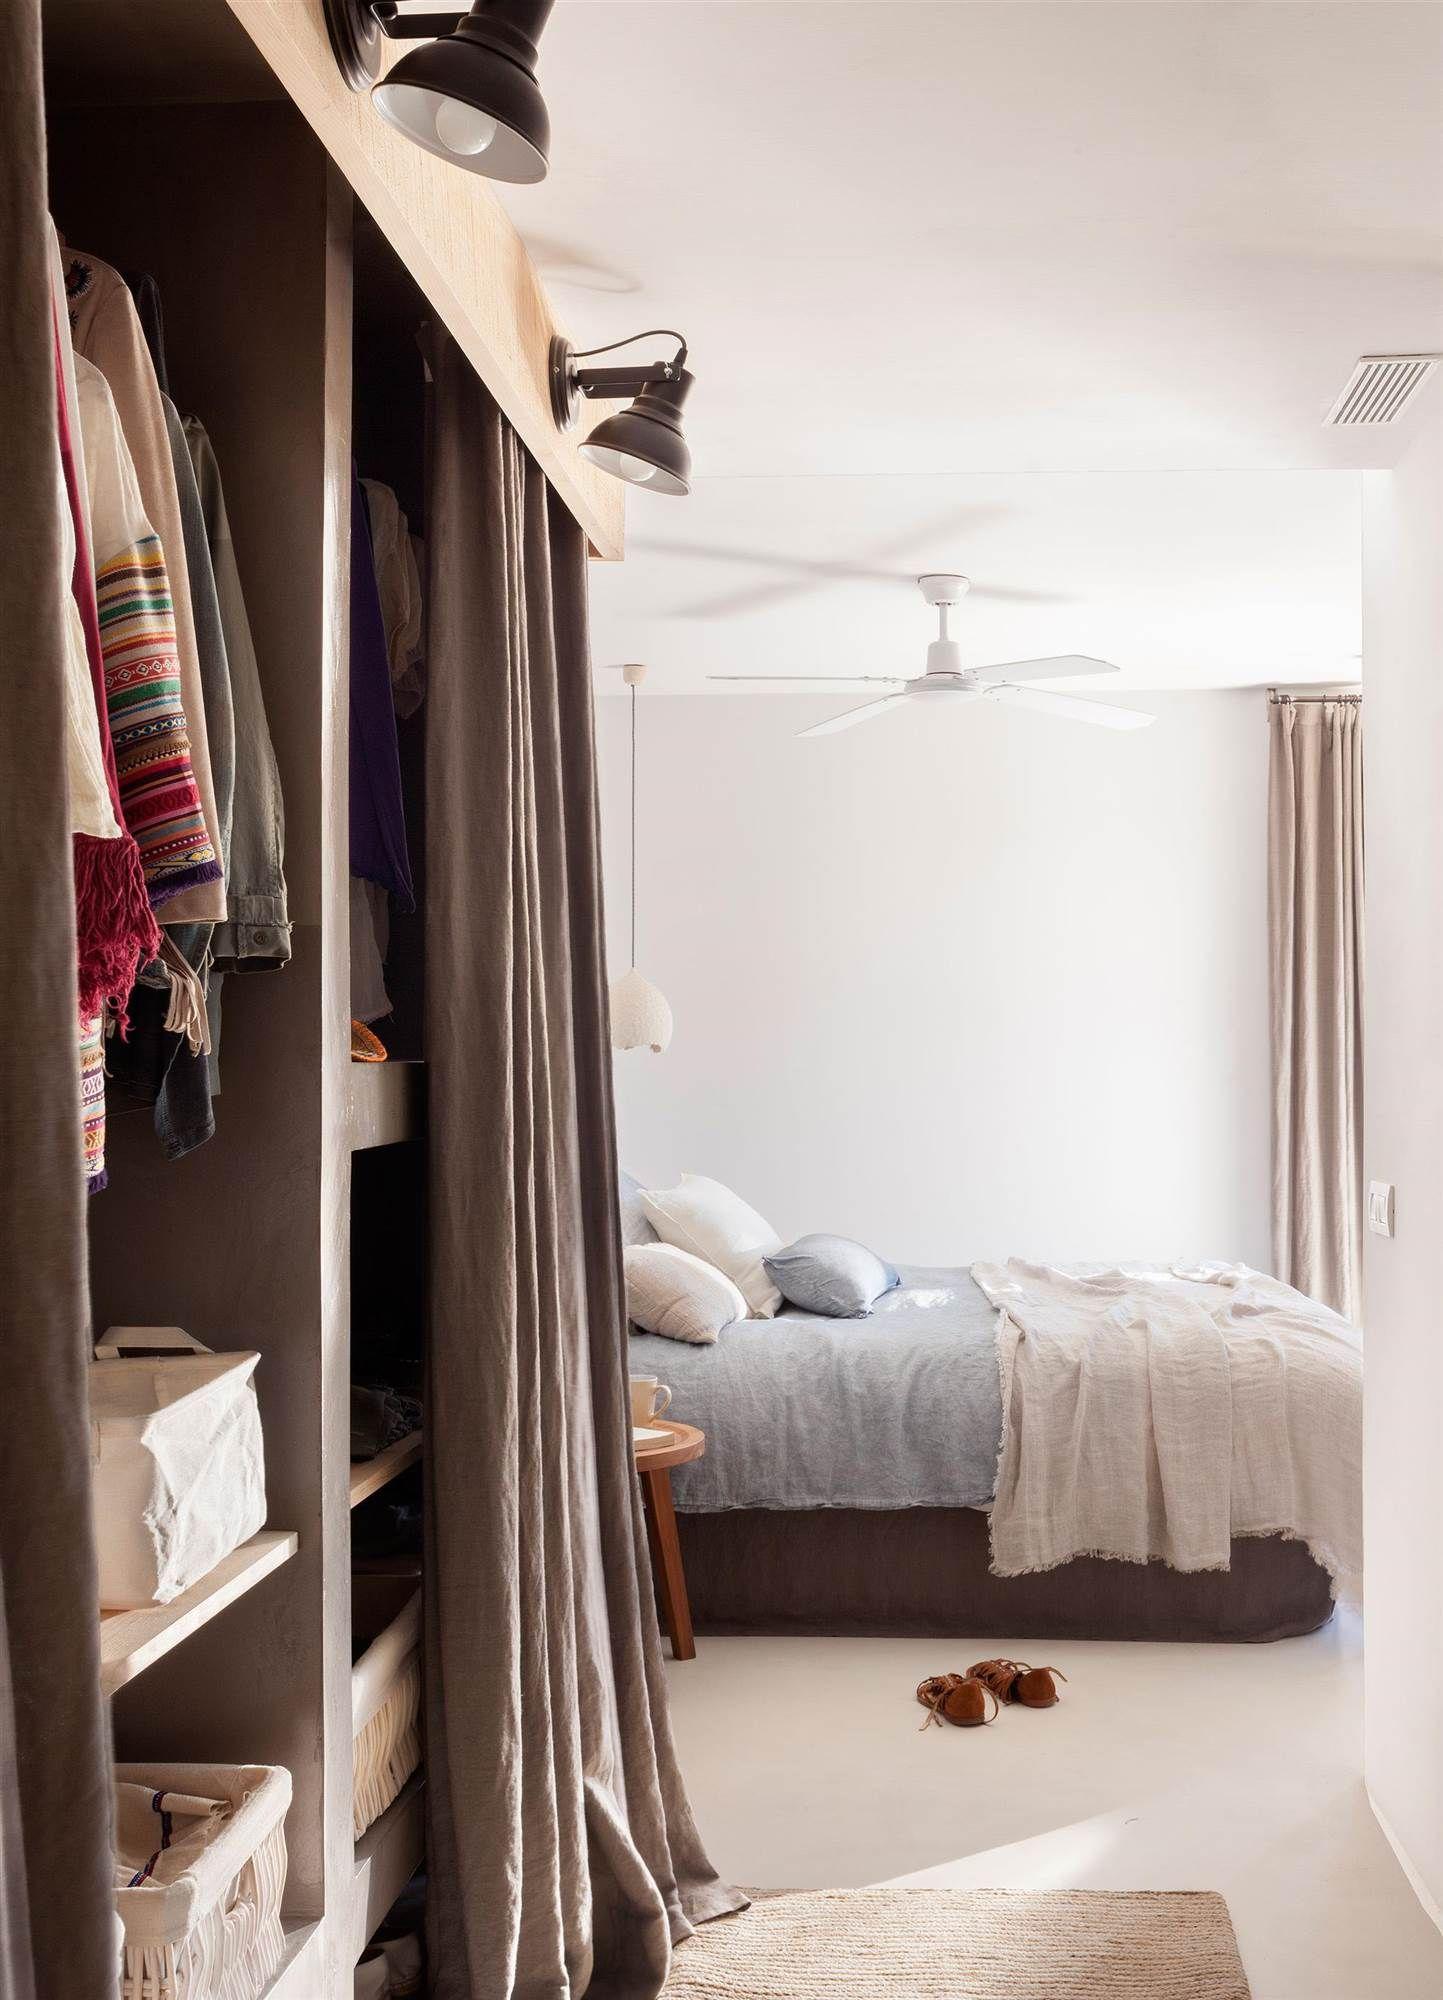 Cortinas Para Armarios.6 Usa La Luz Para Crear El Ambiente Costura Cortinas Para